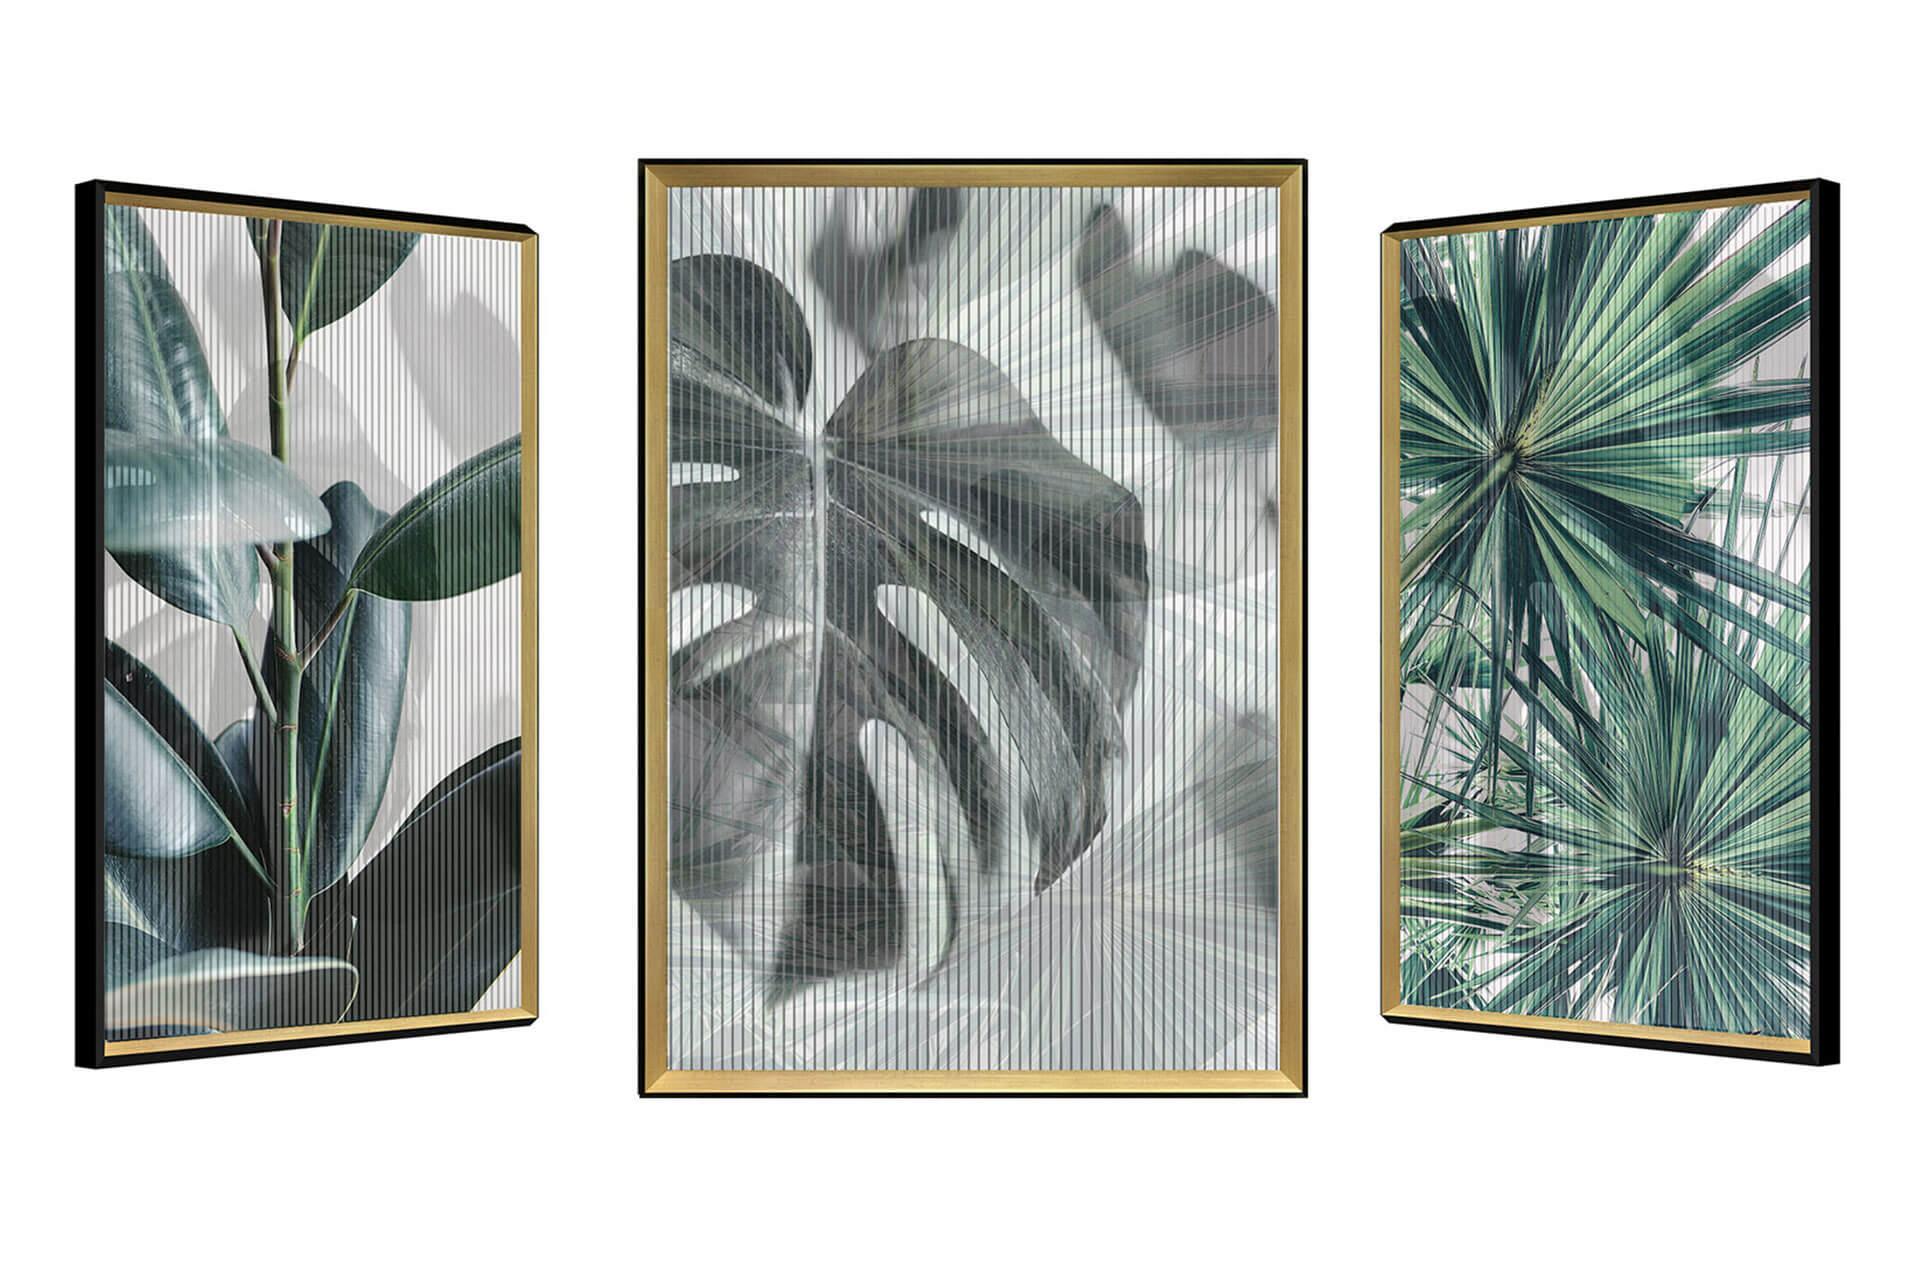 kl farne tropen gruen kunstloft modern 3d wechselbild bild deko wand 01